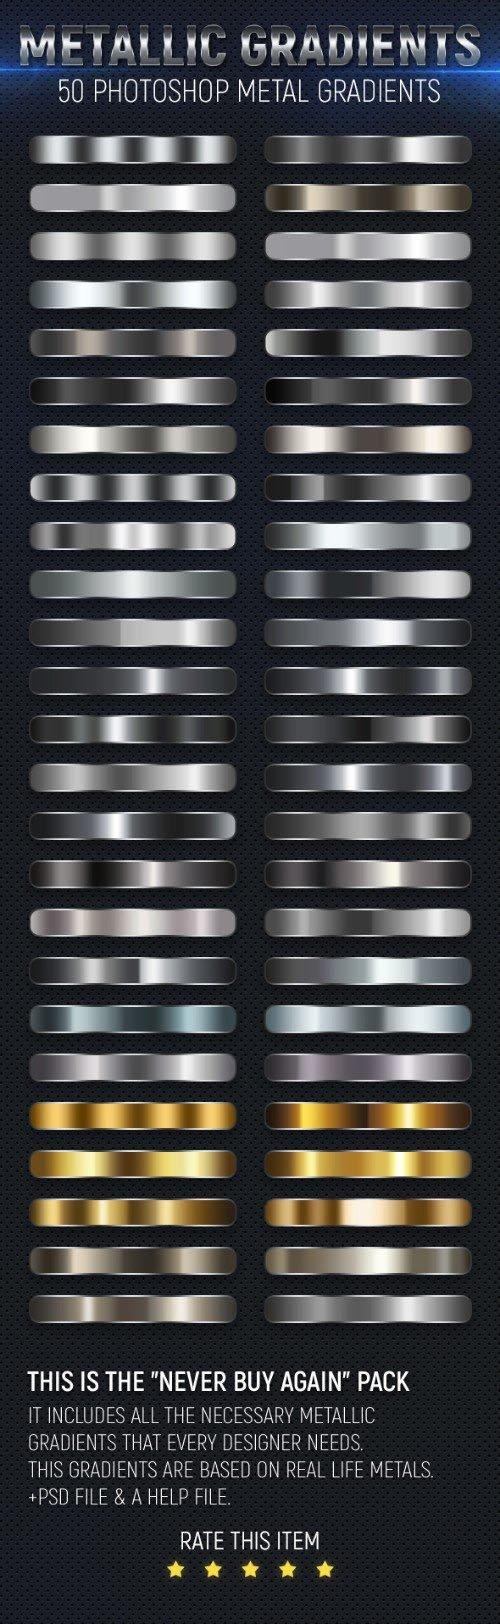 Metallic Gradients - 50 Photoshop Metal Gradients